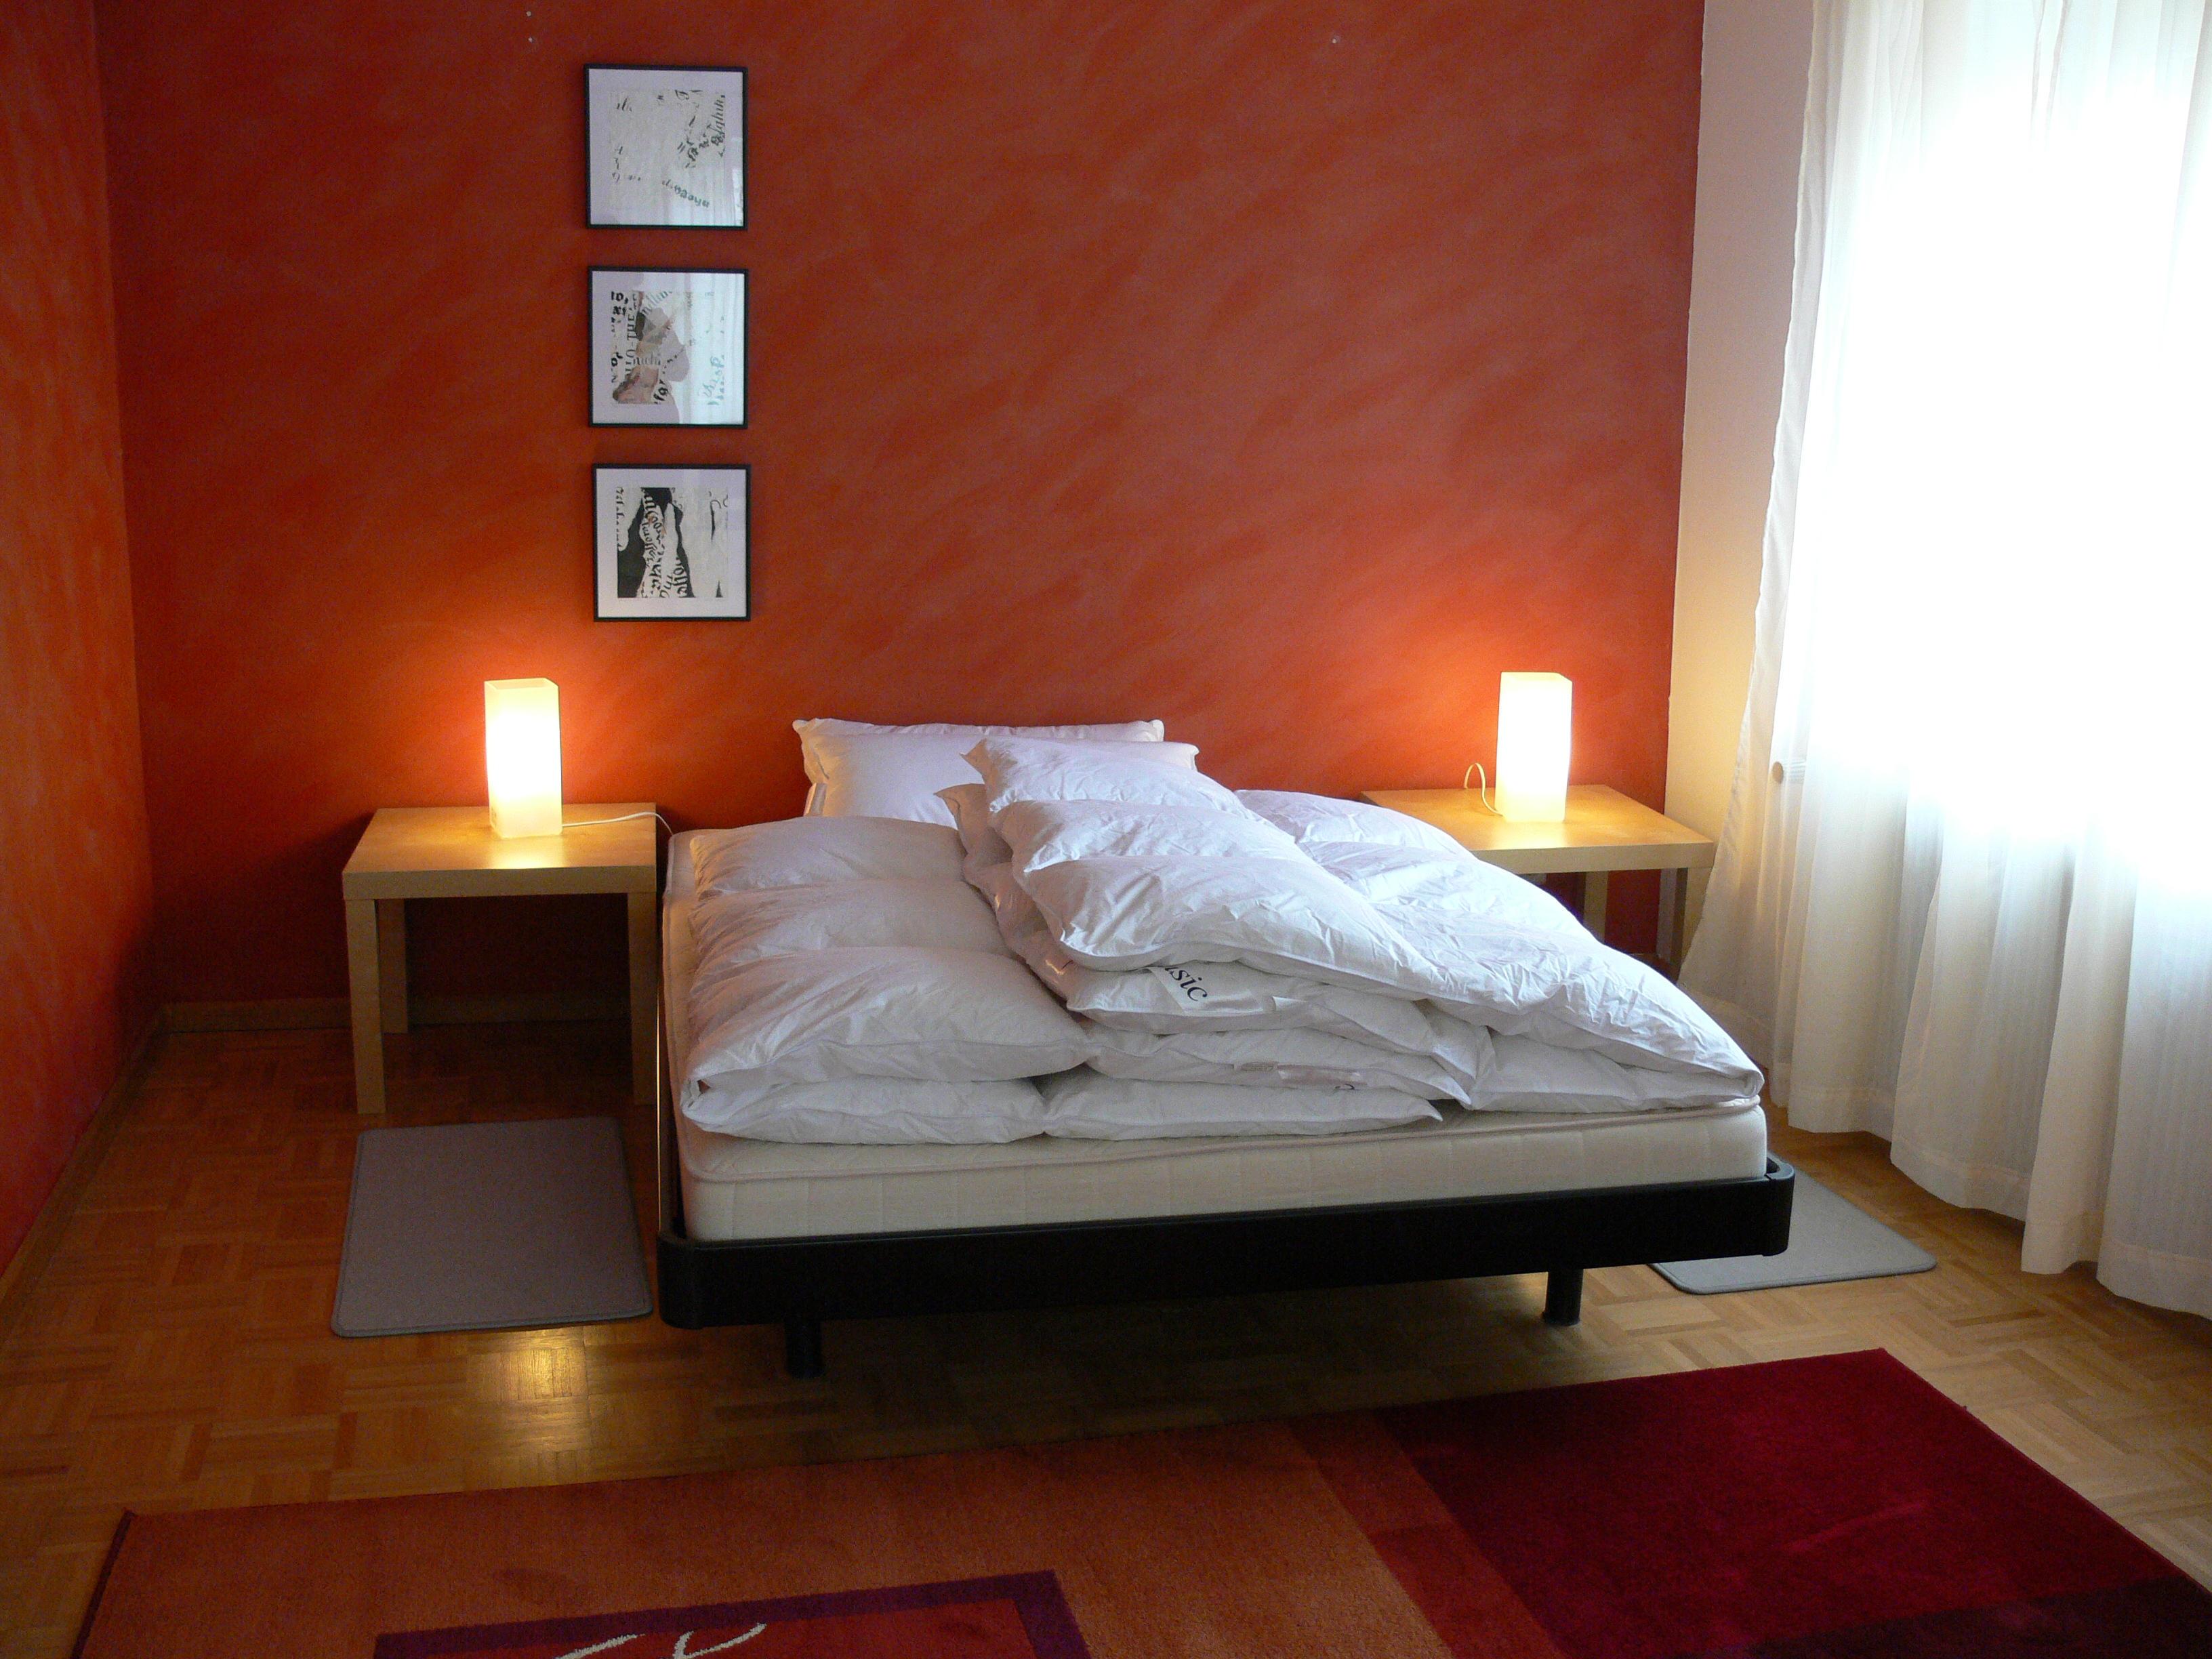 Schlaf wohnzimmer - Schlaf wohnzimmer ...